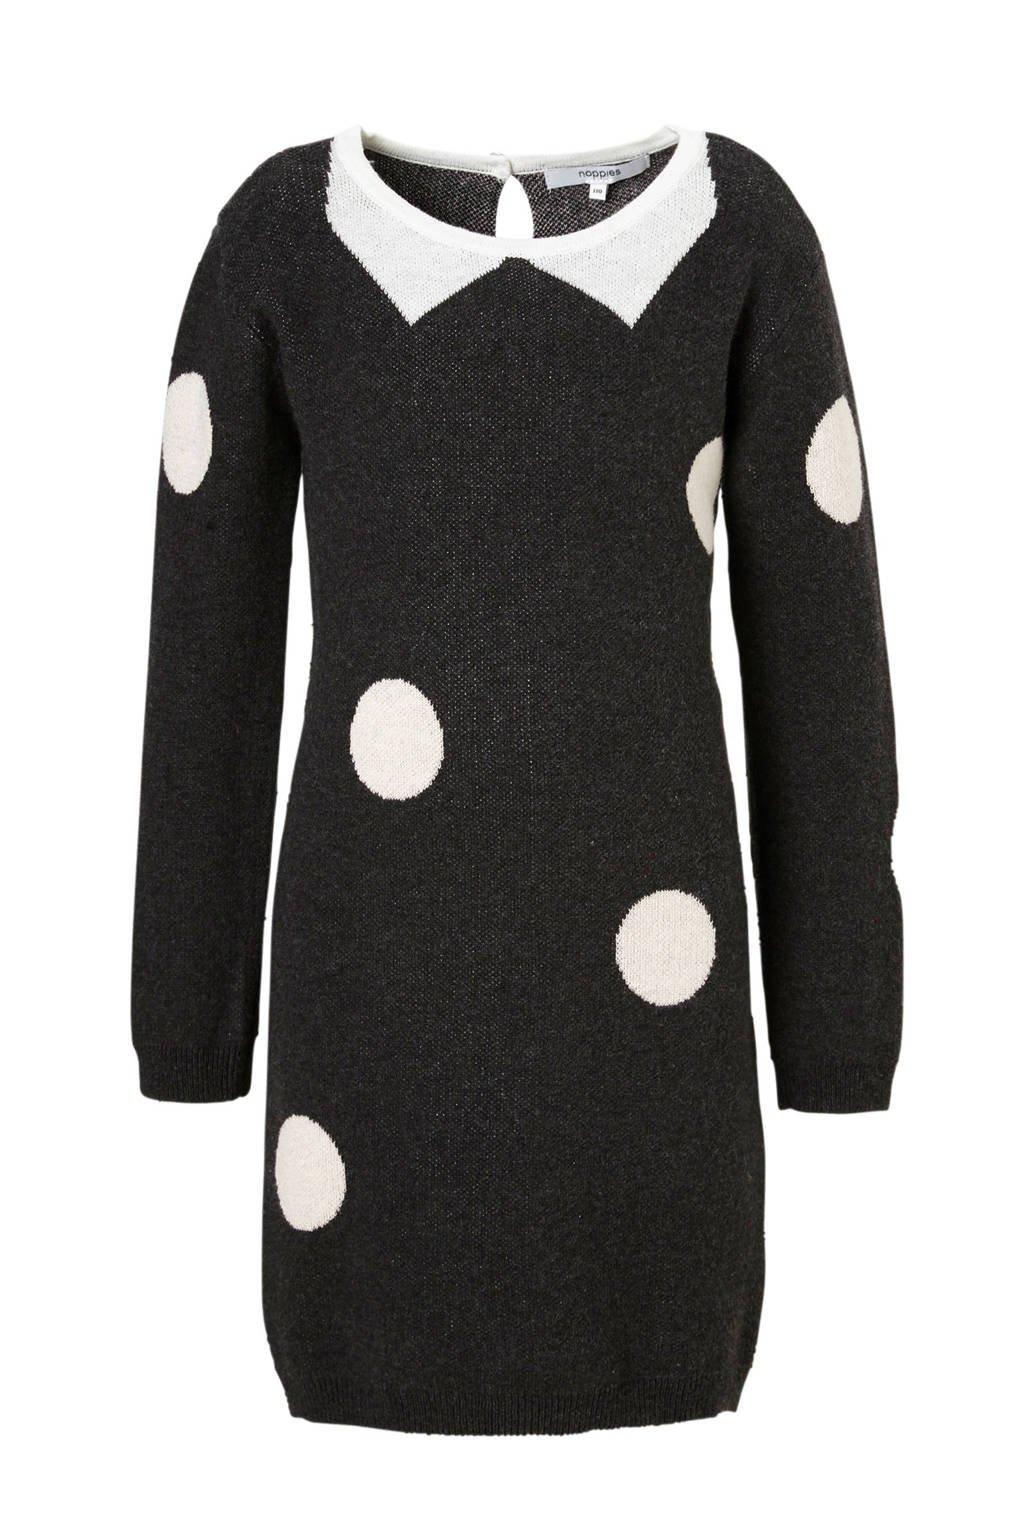 Noppies jurk Westwood met stippen grijs, Donkergrijs/wit